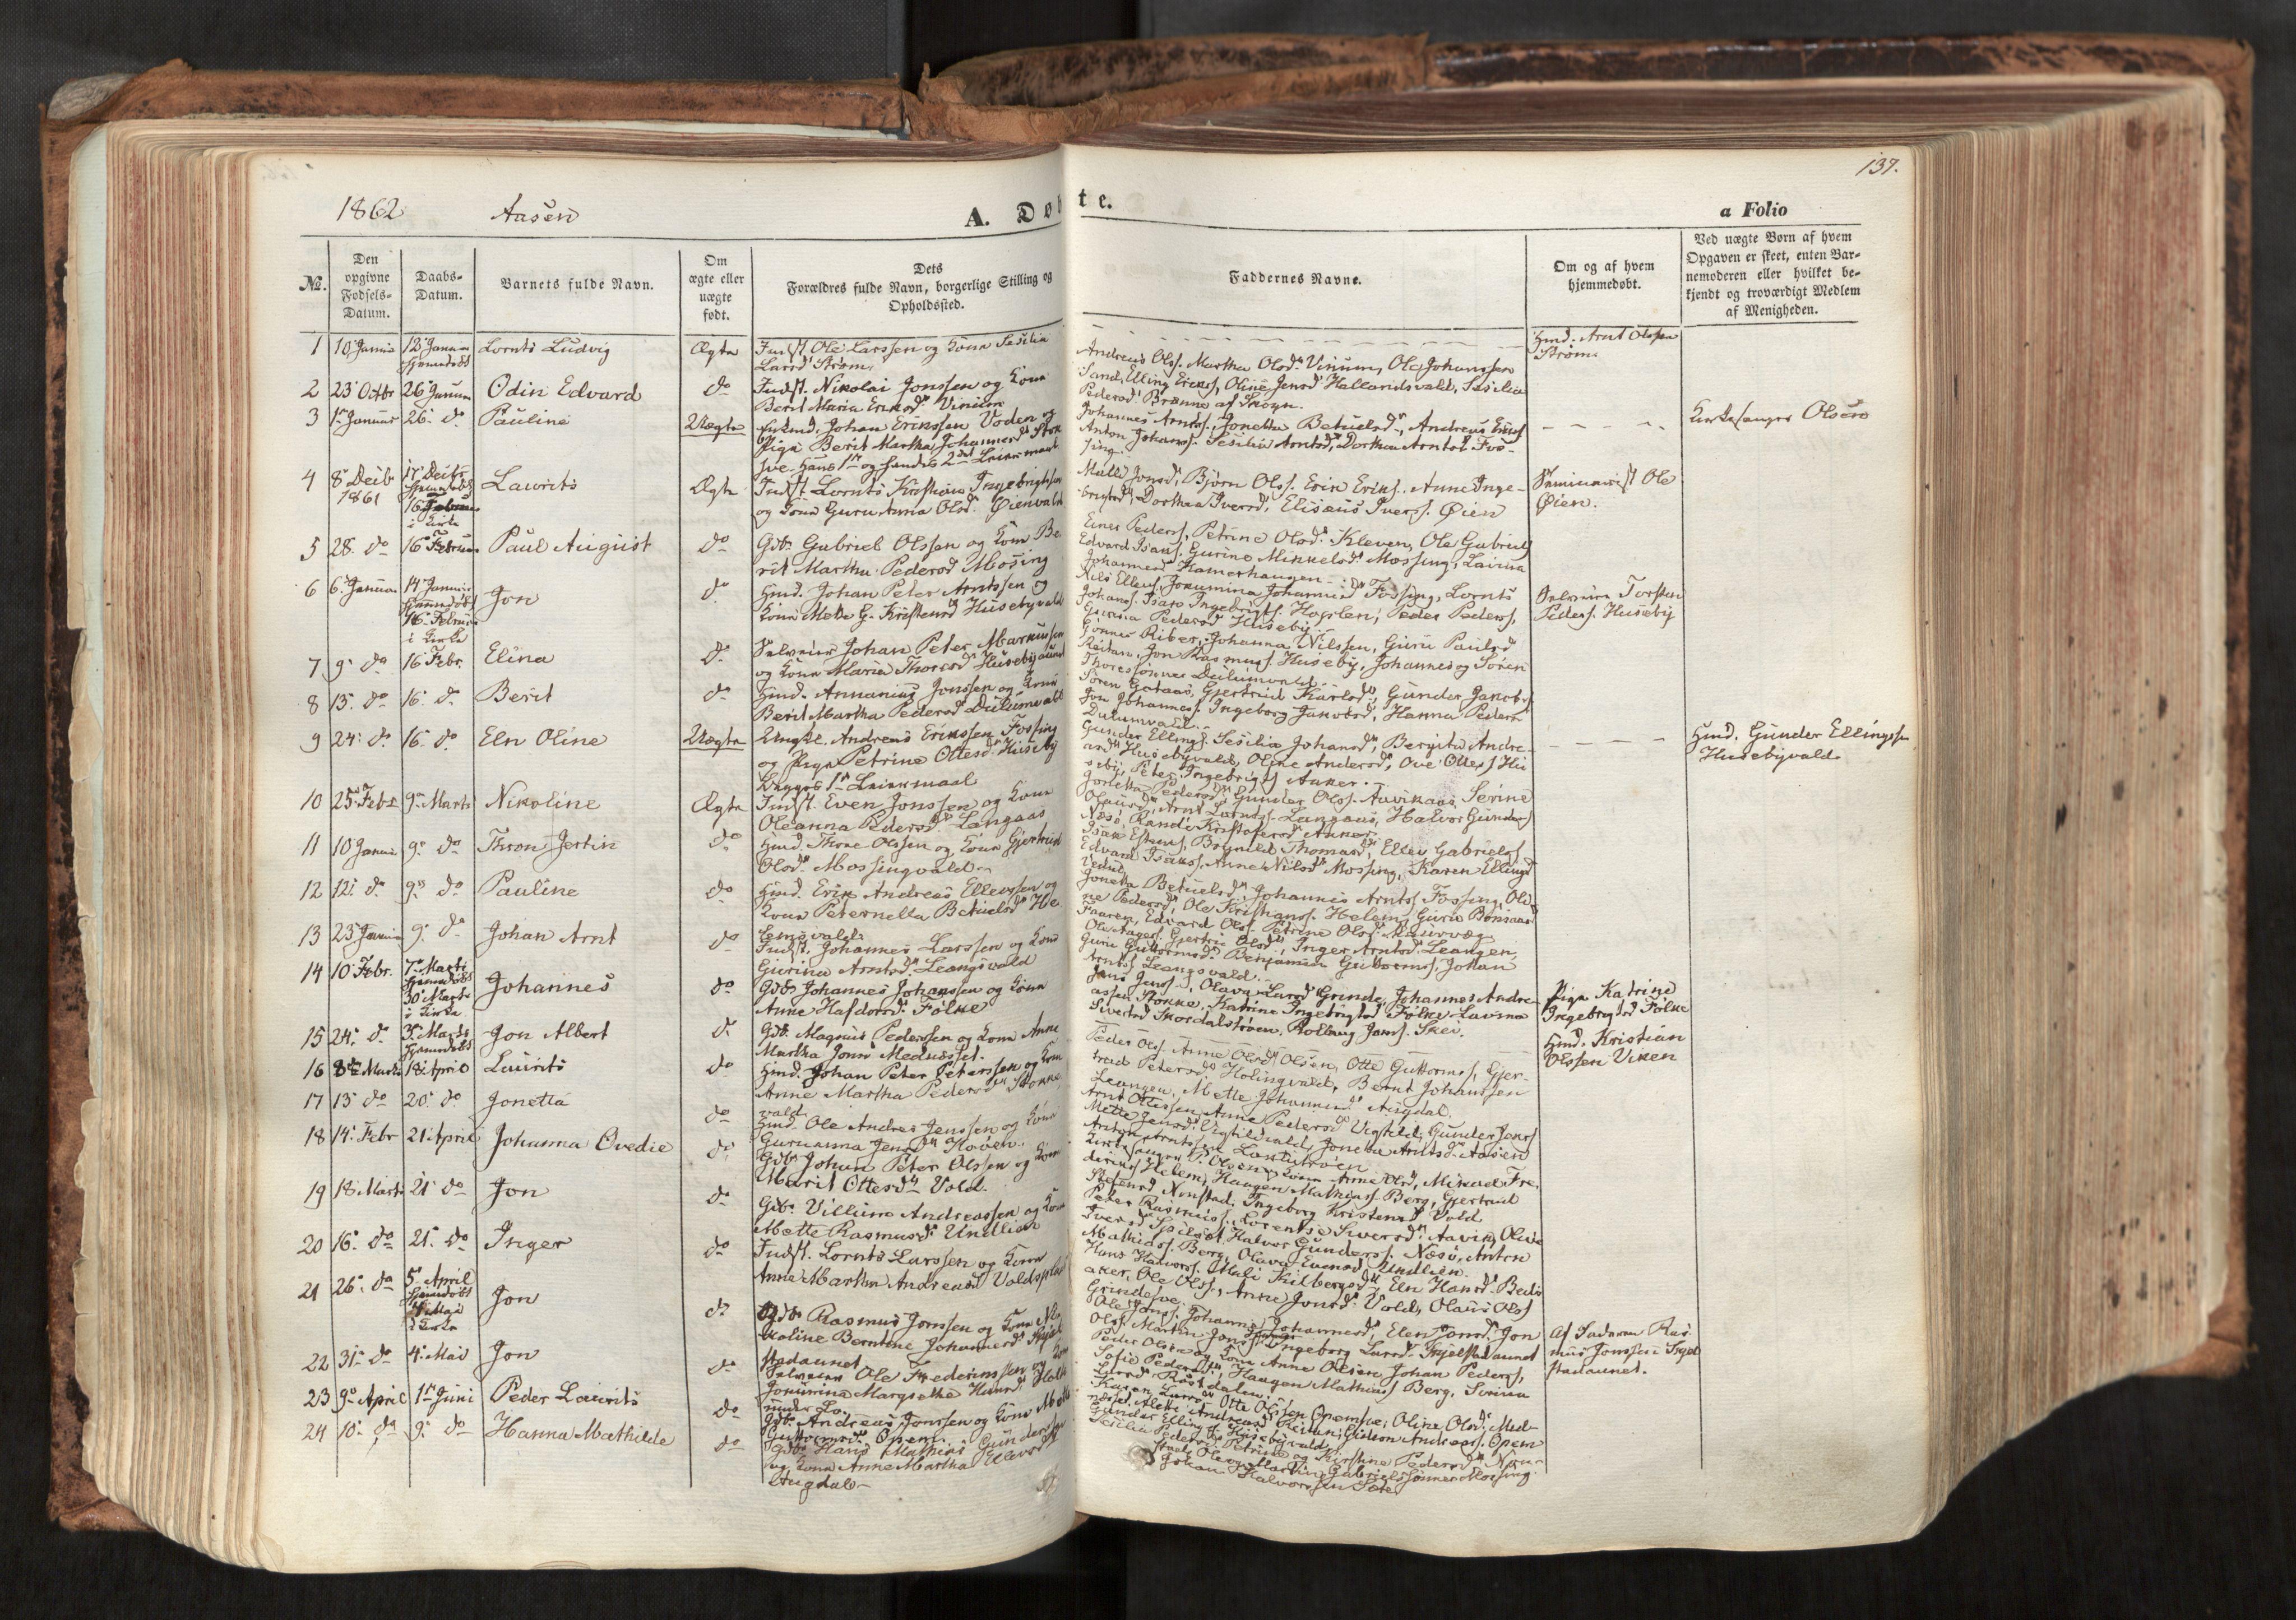 SAT, Ministerialprotokoller, klokkerbøker og fødselsregistre - Nord-Trøndelag, 713/L0116: Ministerialbok nr. 713A07, 1850-1877, s. 137